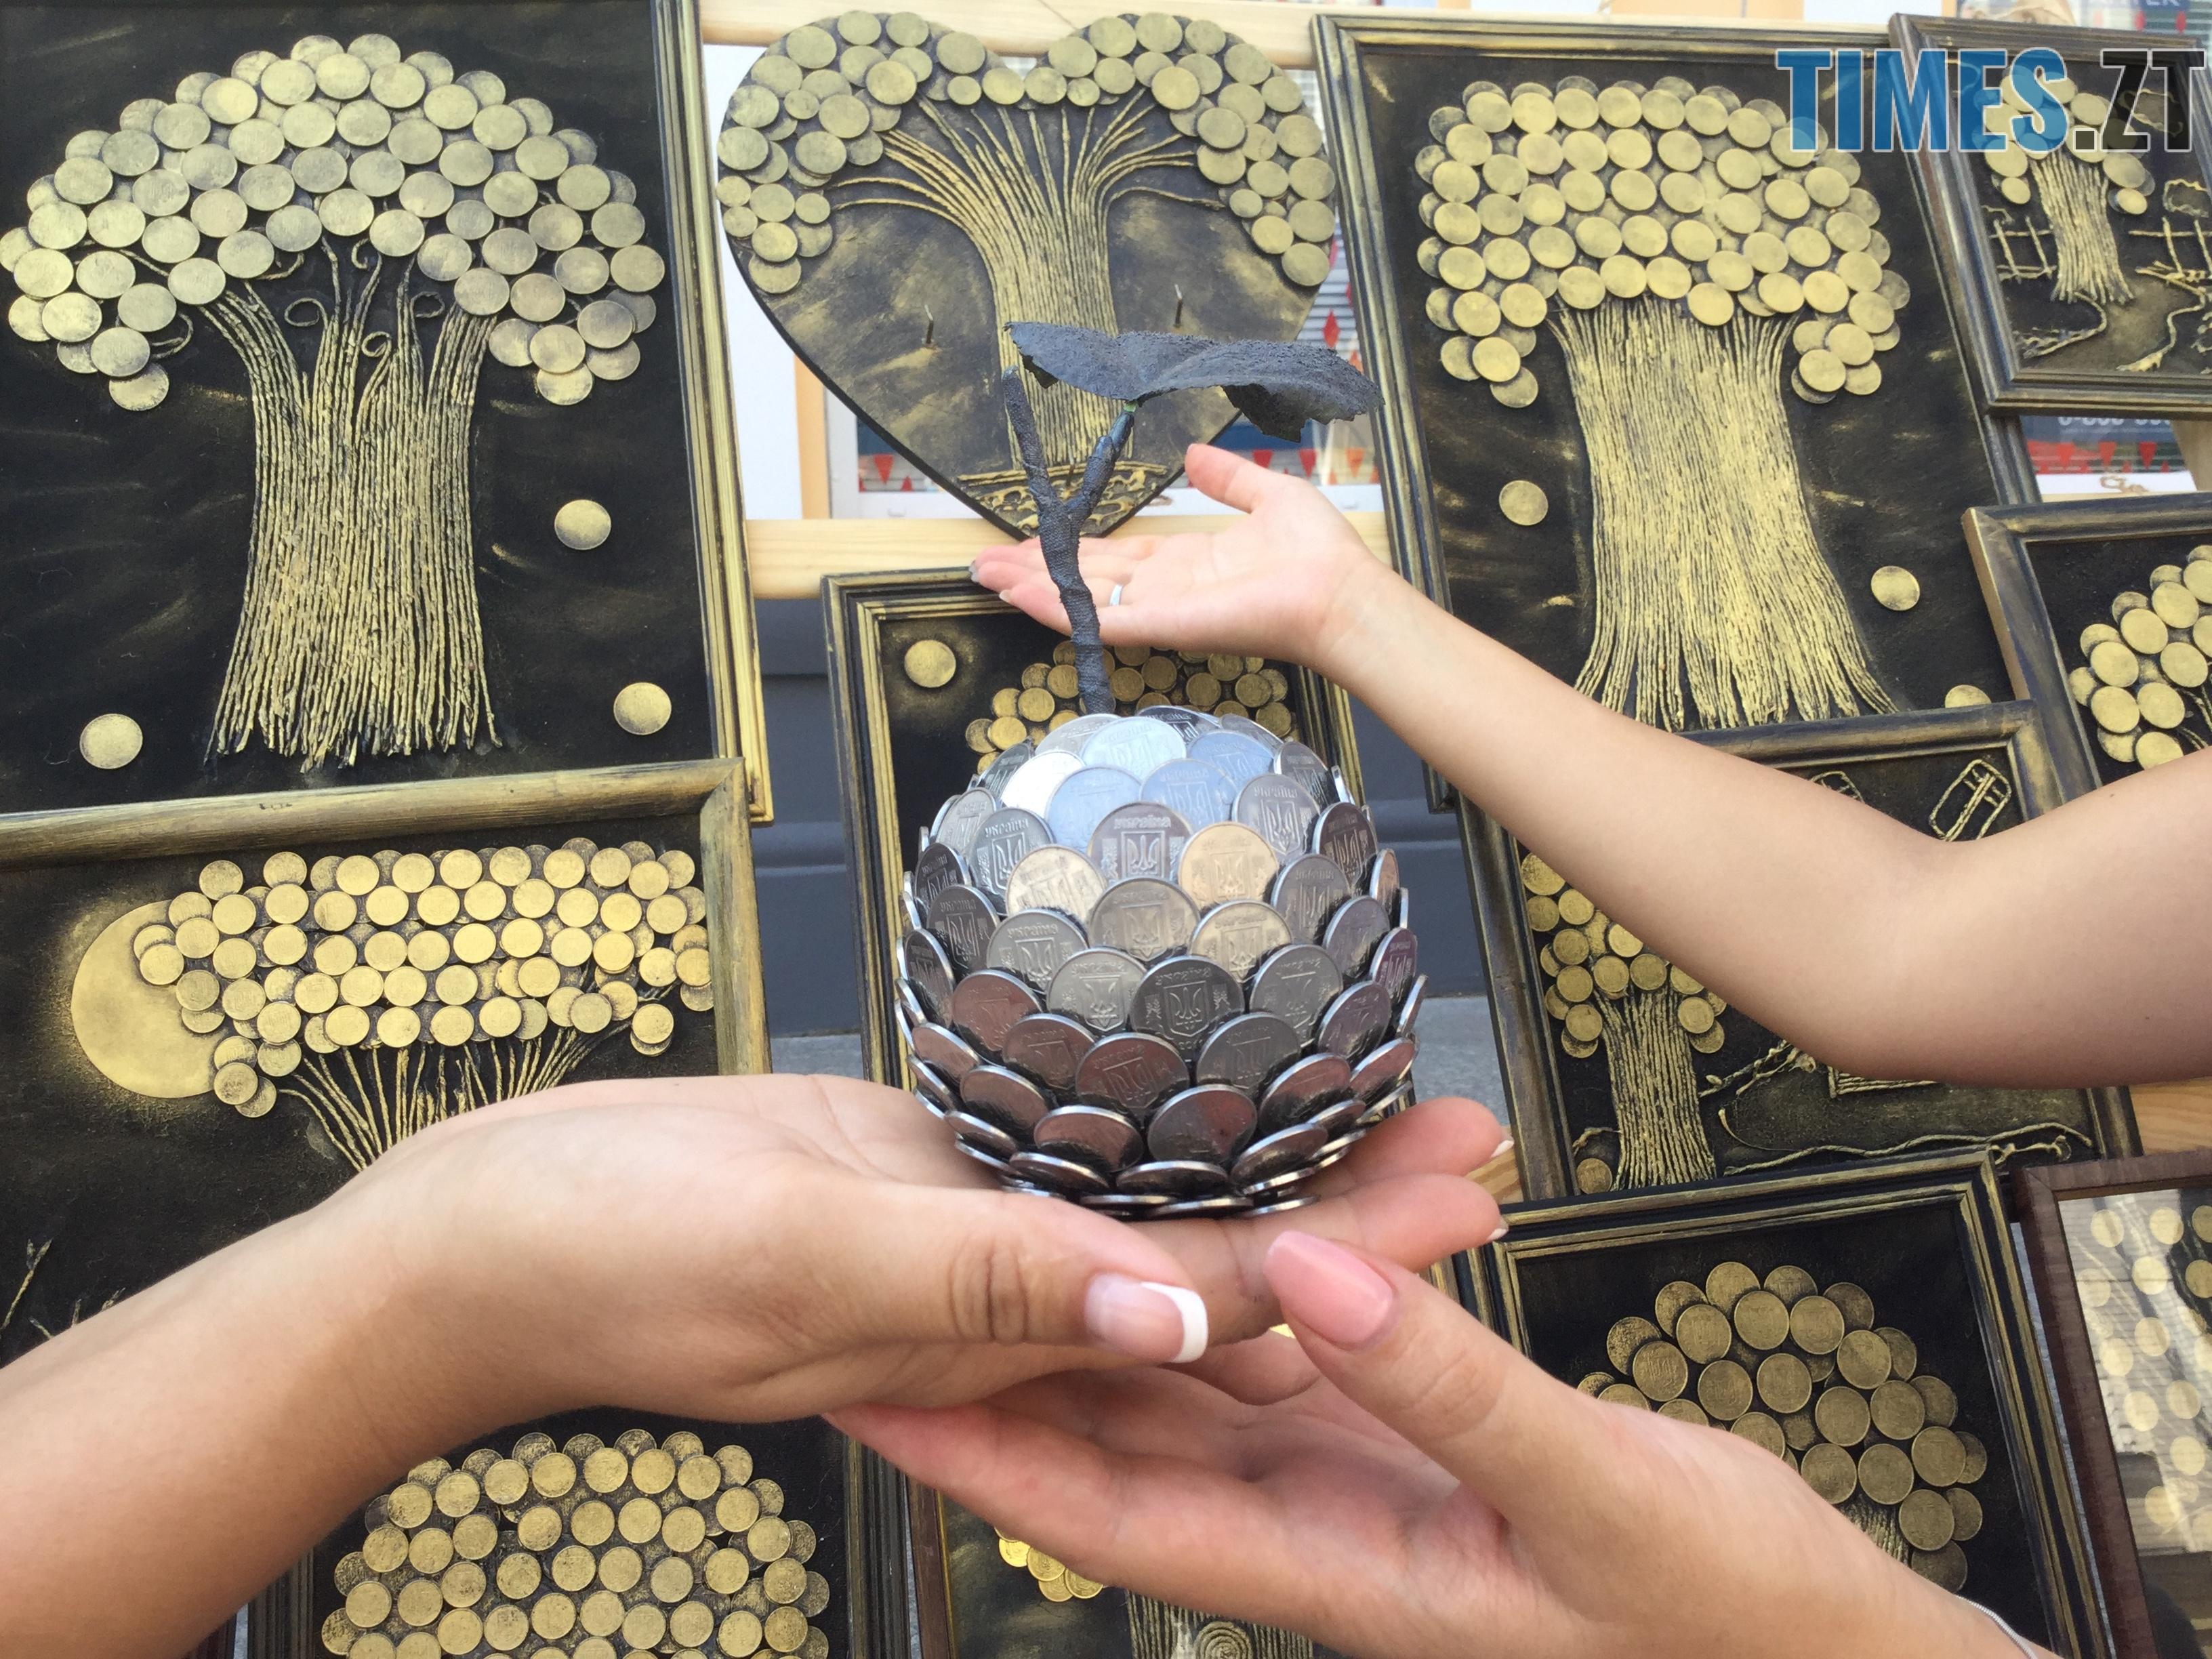 AB92C4D3 91EF 4F35 9D1B 0D0B43461F74 - Фотозони, майстер-класи та безліч цікавих локації: житомиряни святкують День Незалежності (ФОТО)